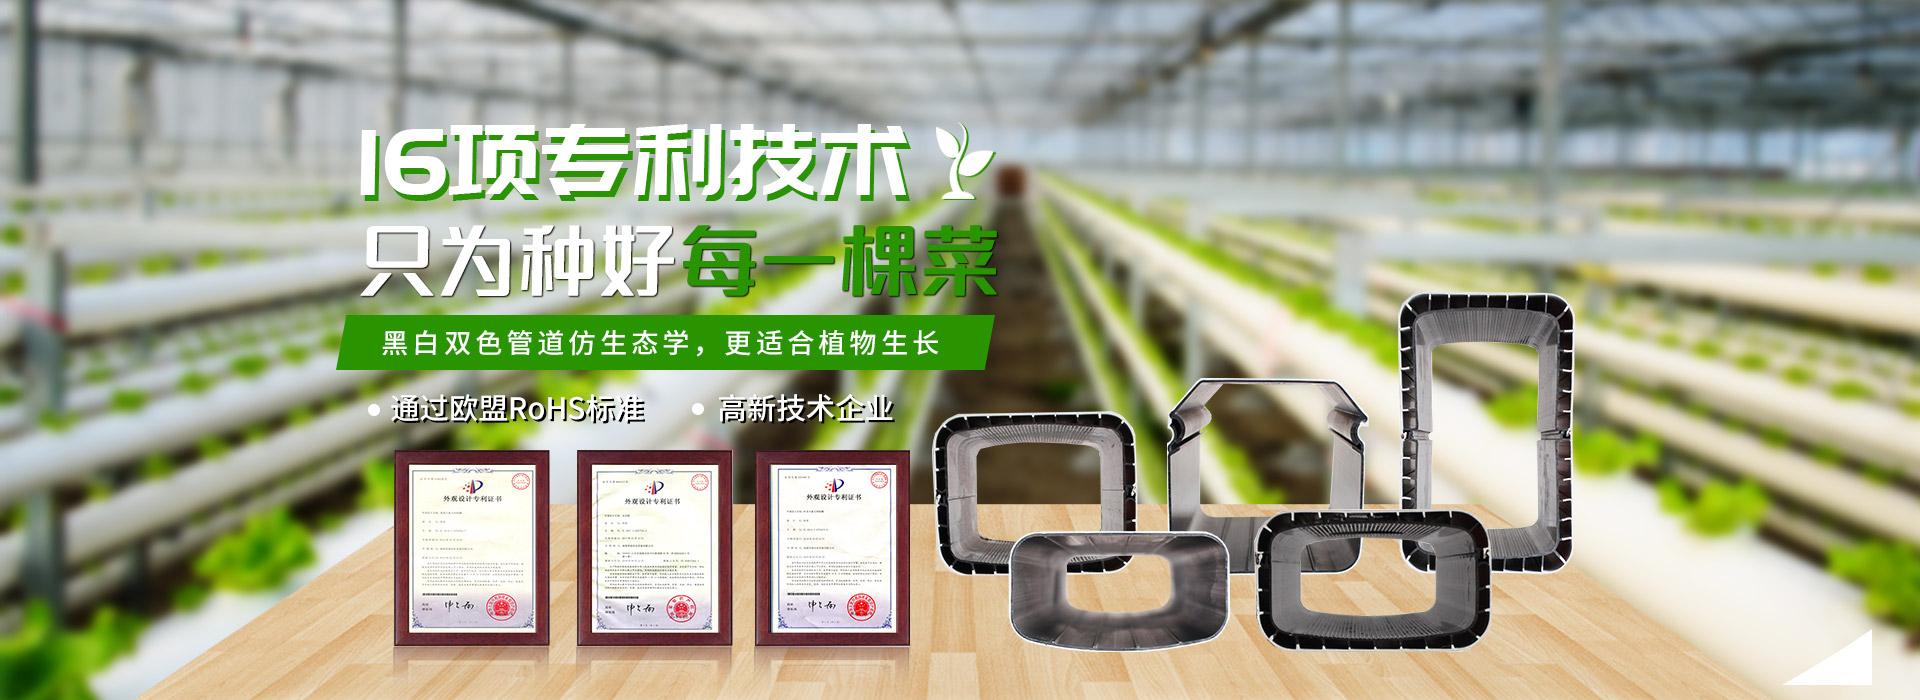 荣成农业-16项专利设备,只为种好每一颗菜